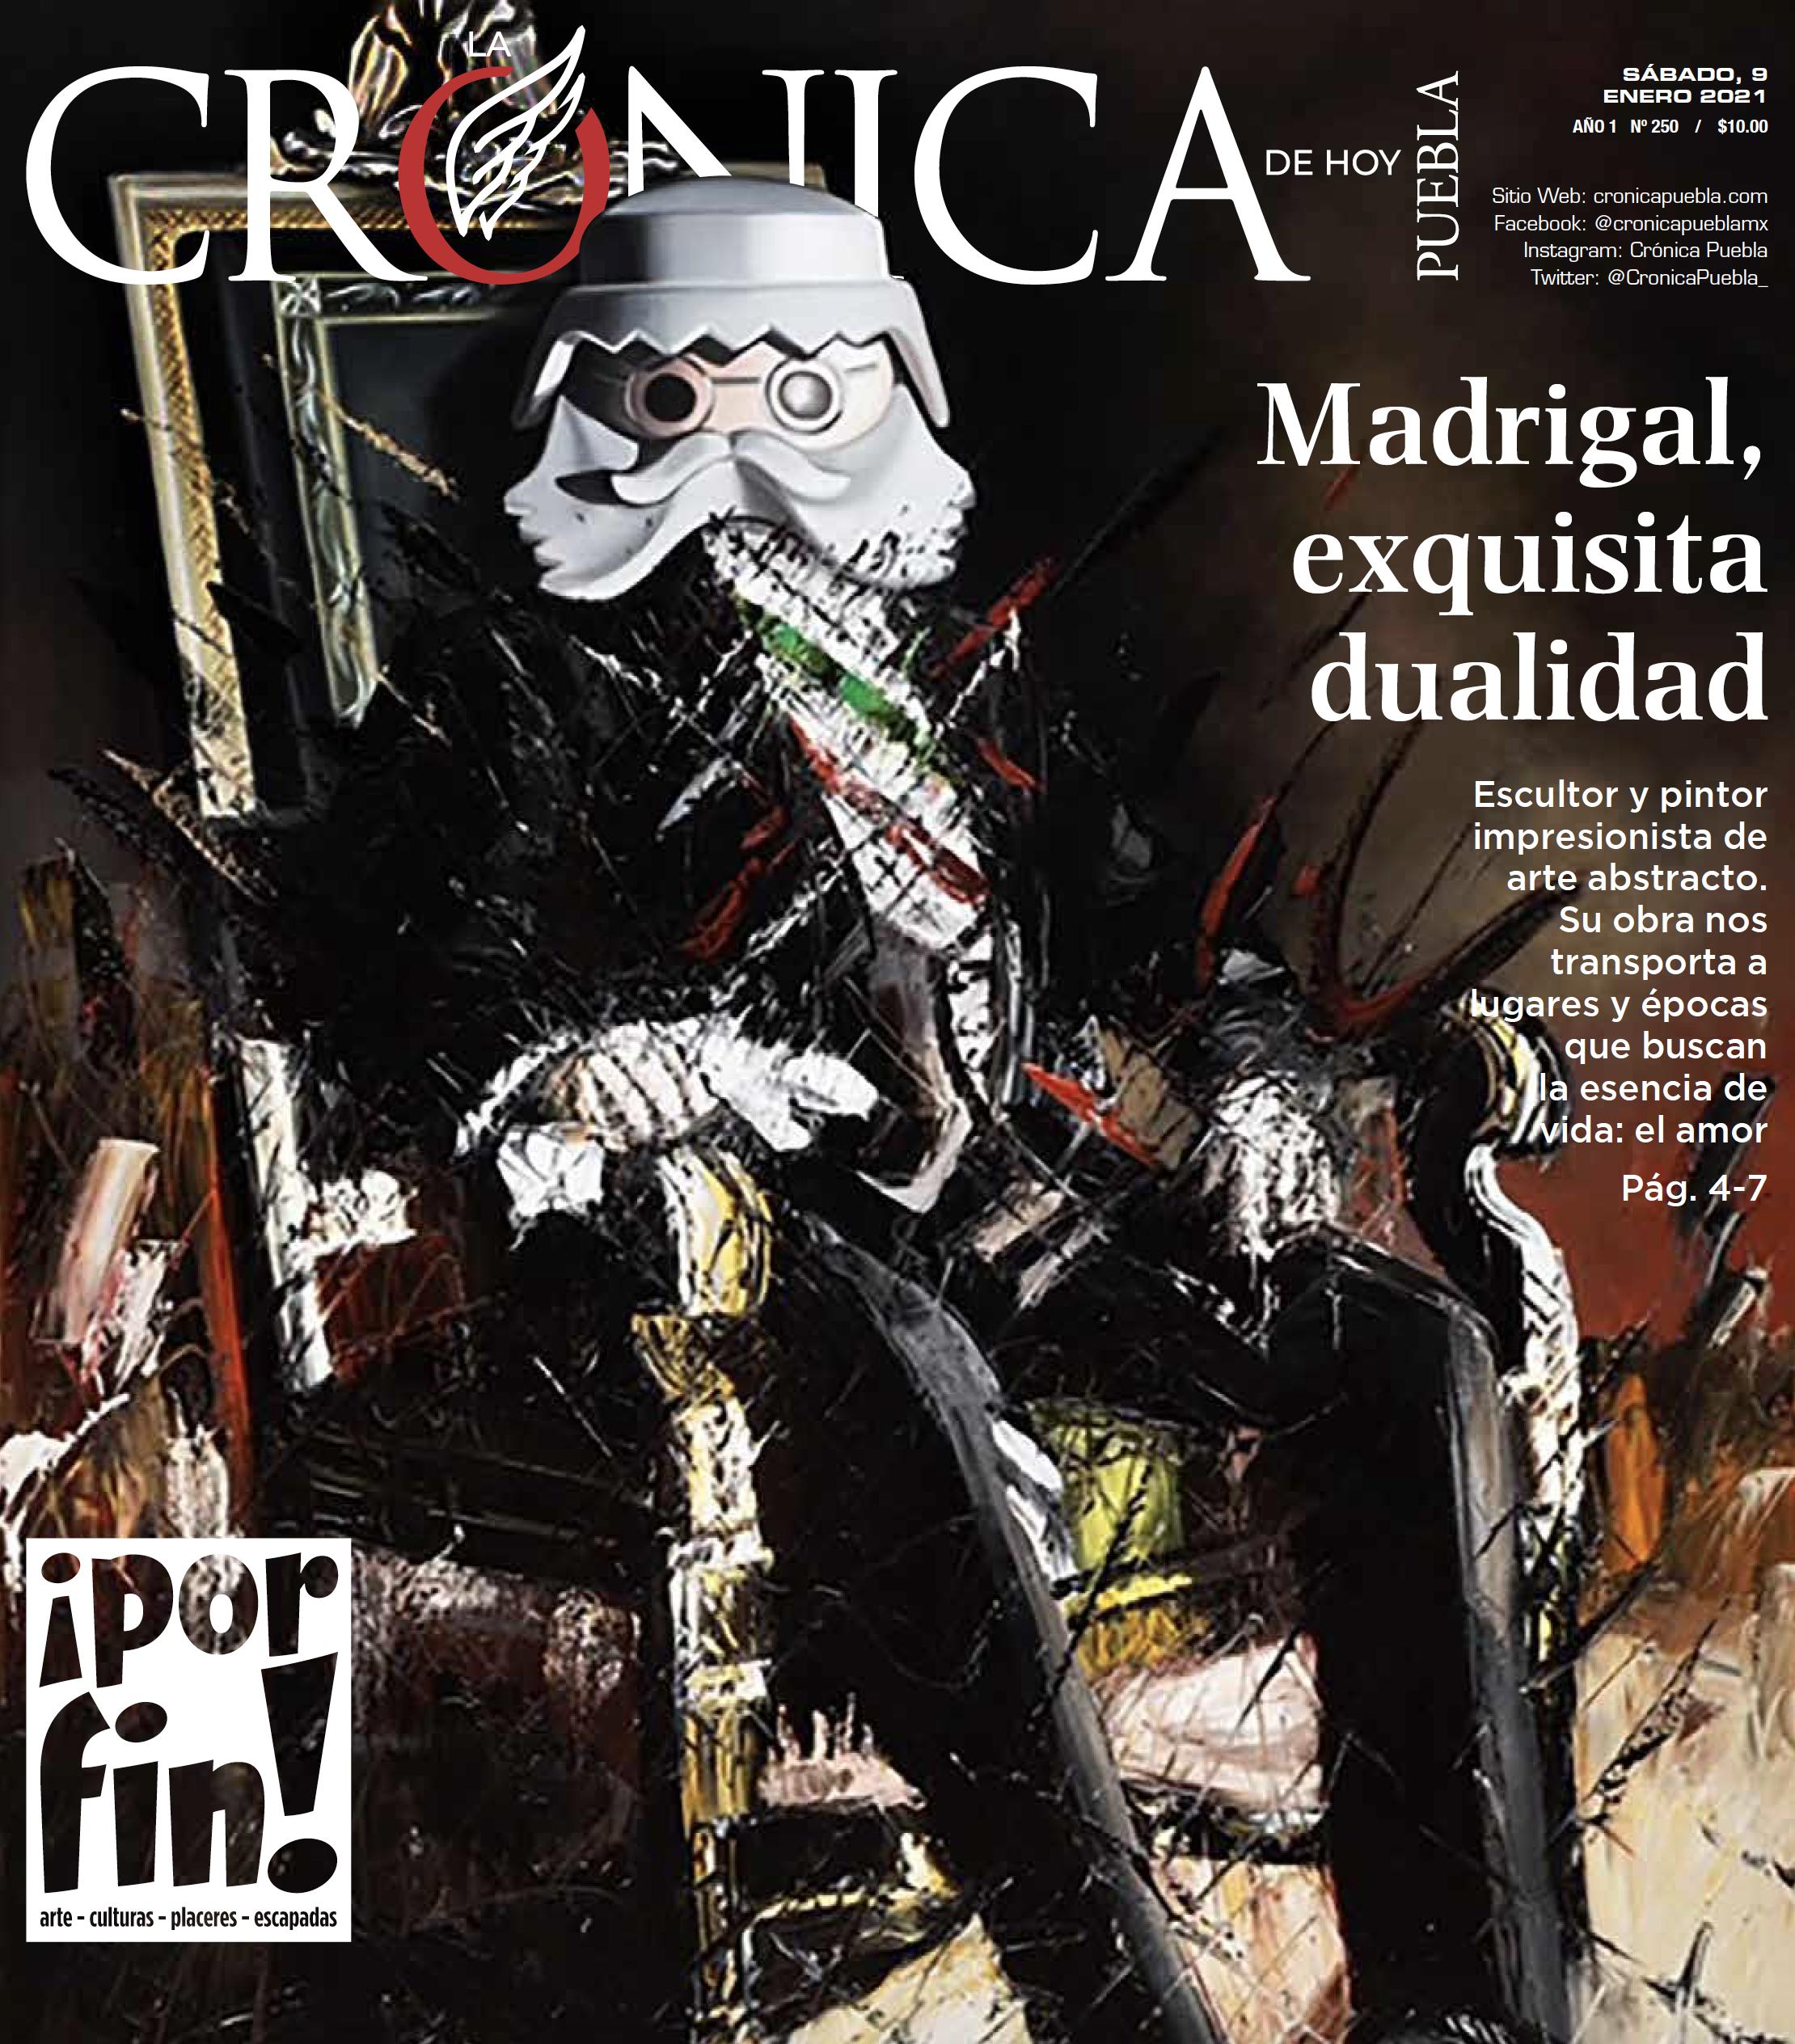 cronica enero 2021 portada